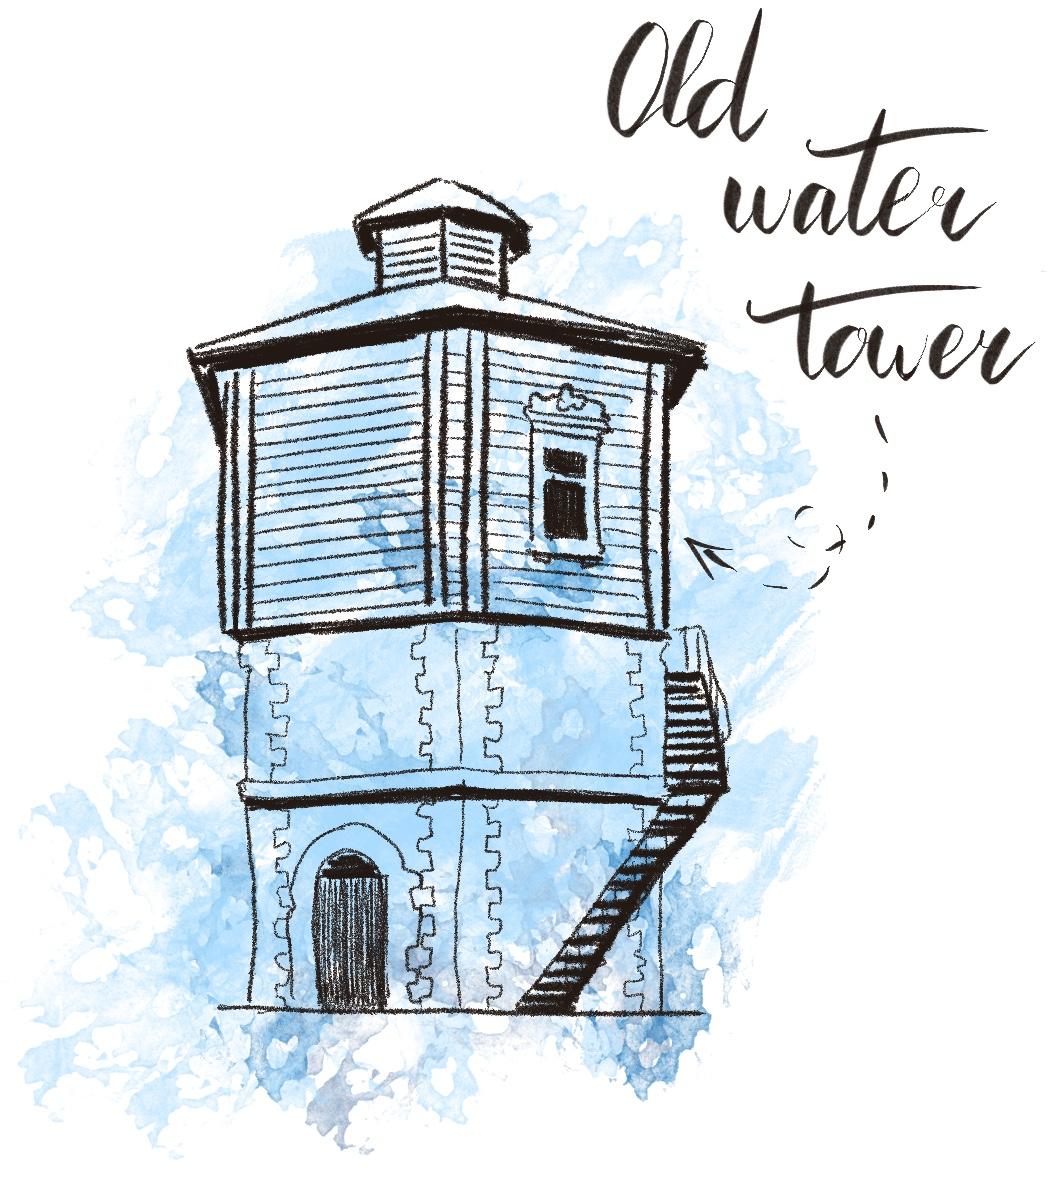 Ekb_watertower